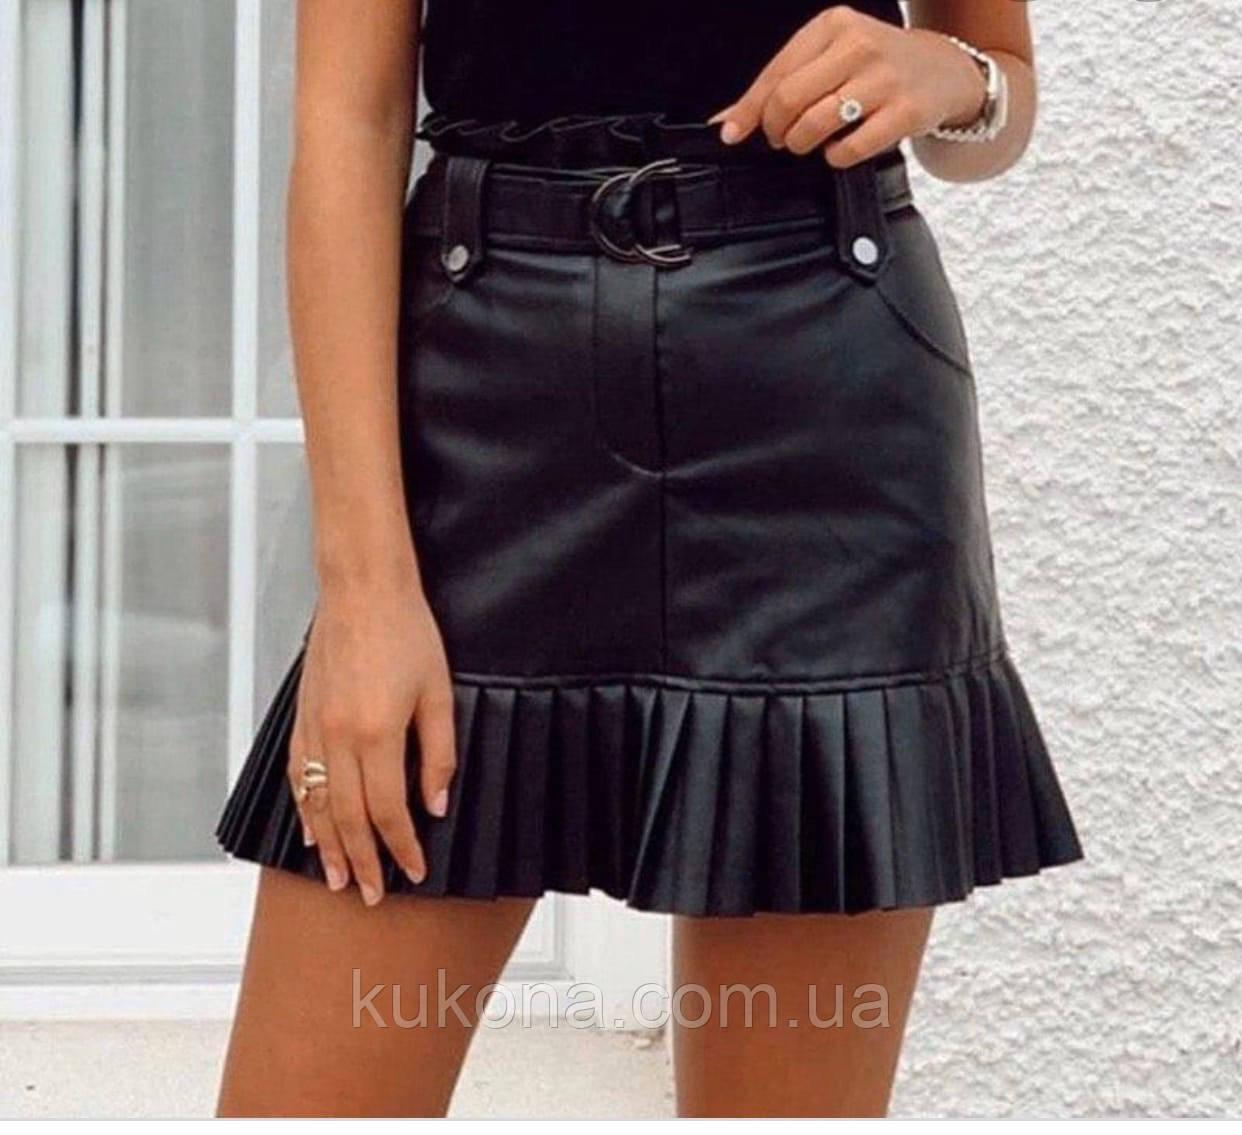 Стильная юбка женская из эко кожи. Размеры: S M L